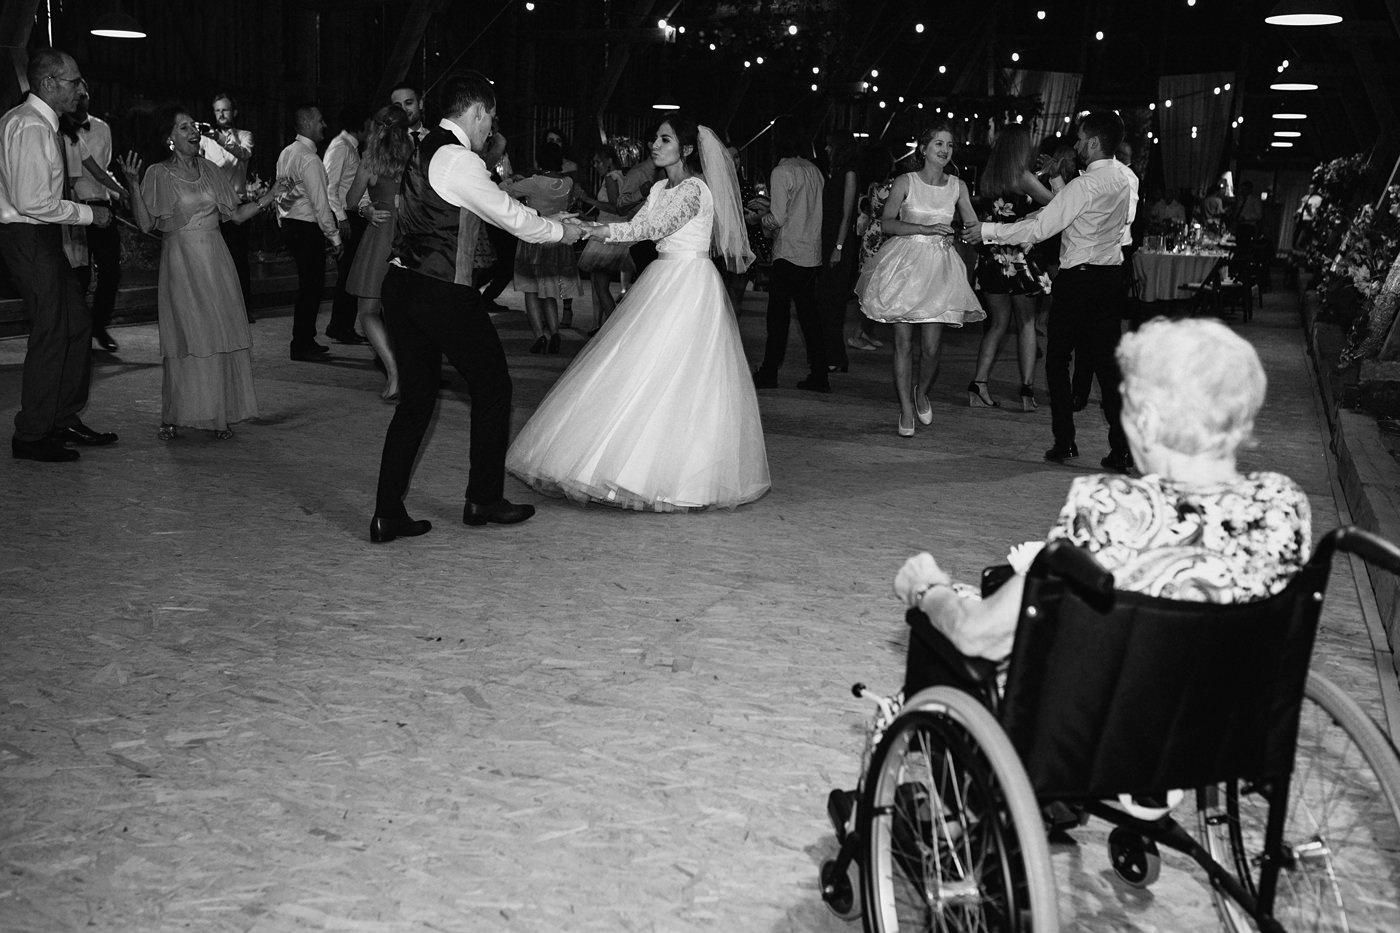 Dominika & Aleksander - Rustykalne wesele w stodole - Baborówko 111